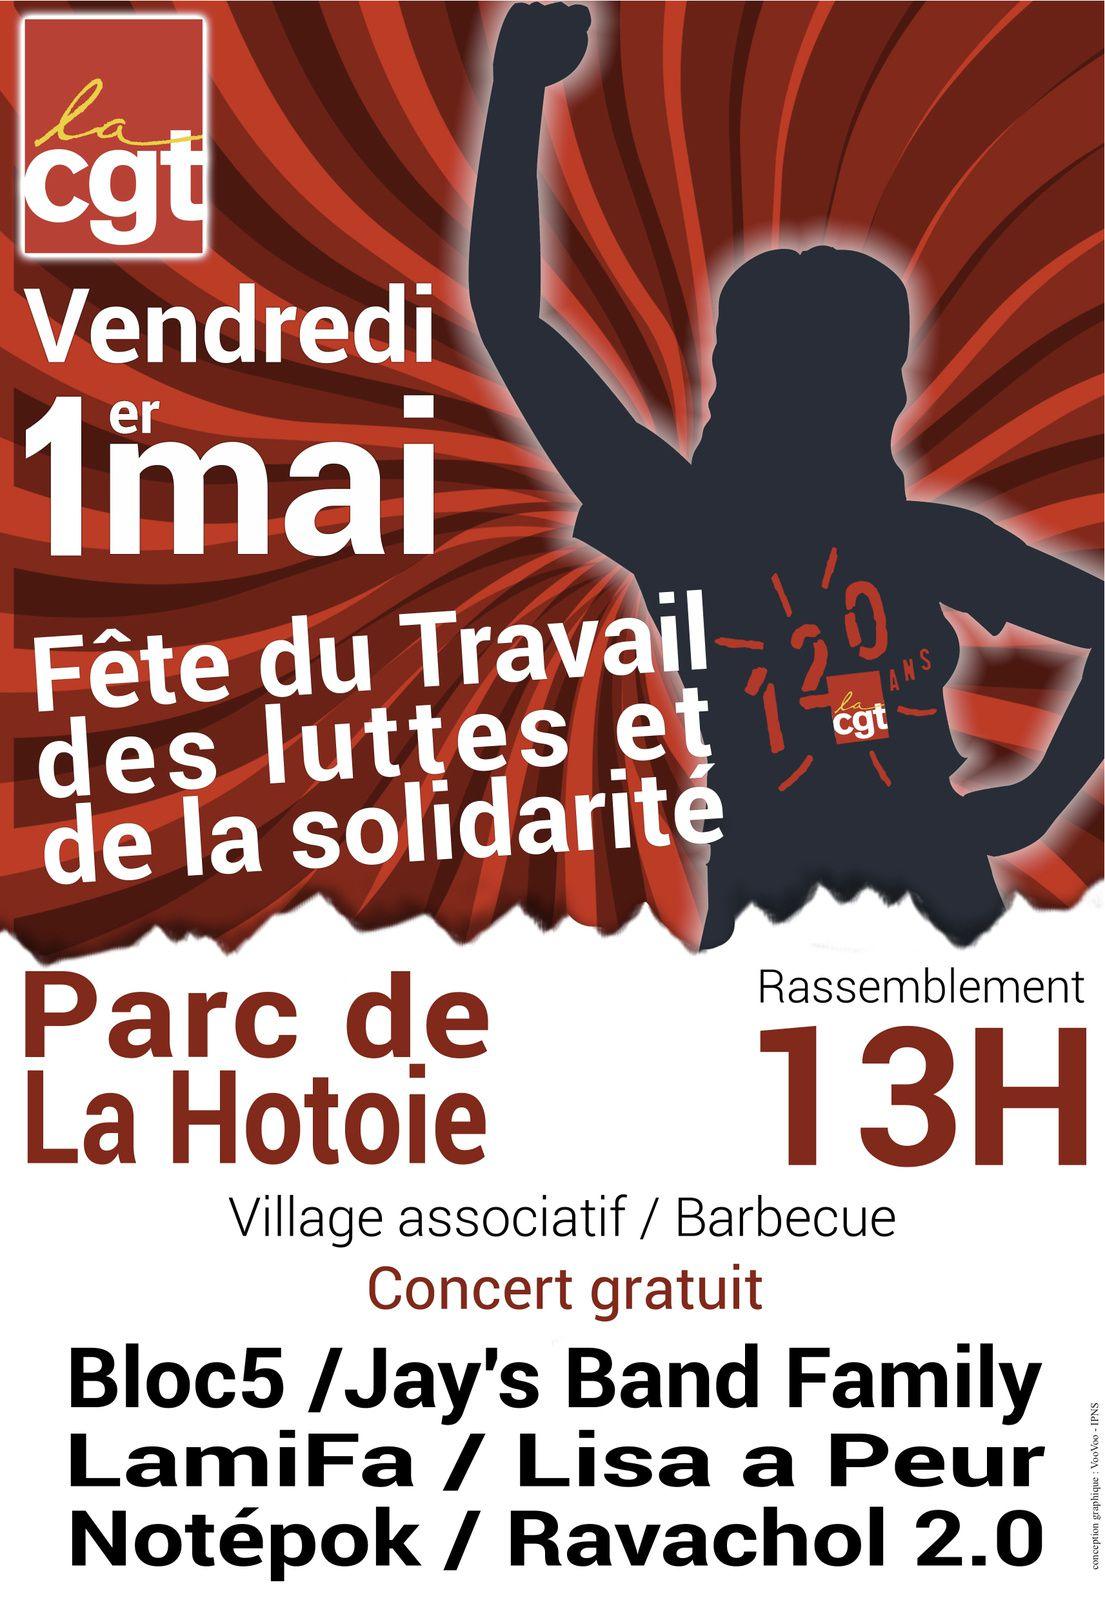 1er Mai Fête du travail, des luttes et de la solidarité à Amiens, Parc de la Hotoie, 10h30